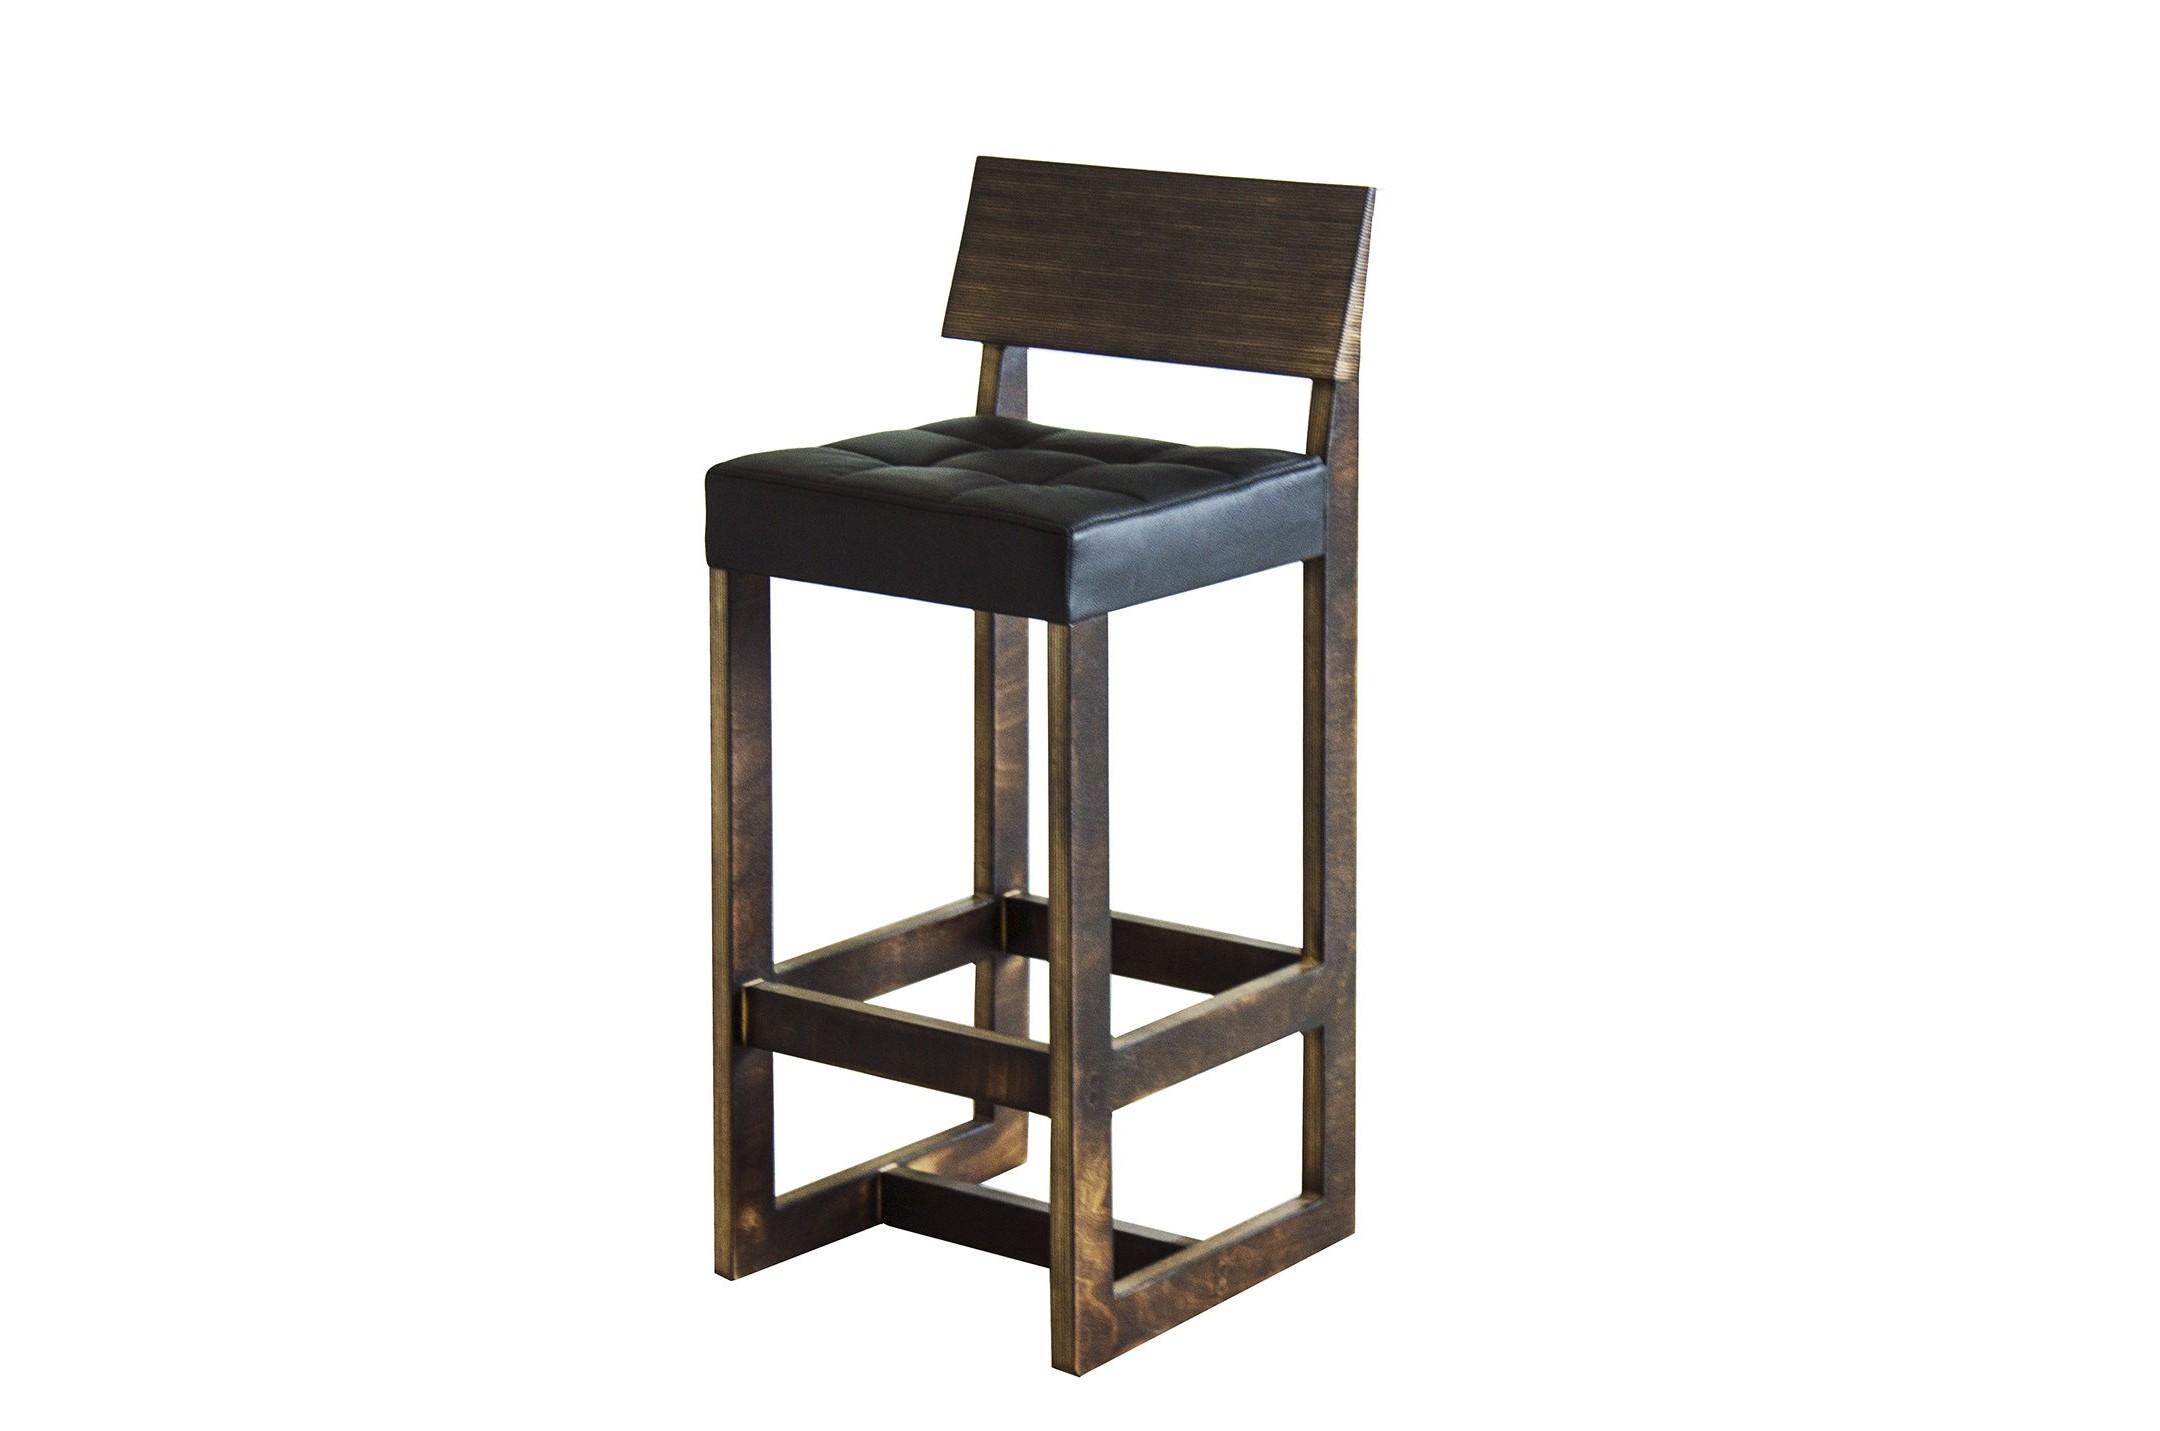 Барный стул Brazilia BarБарные стулья<br>Материал: фанера,&amp;nbsp;поролон, бычья кожа.На основание крепится мебельный войлок.Бычья кожа - прочный и долговечный материал, эстетически привлекательна, придает вещам, одновременно, и утончённо-элегантный вид, и создает ощущение основательности и некоторой суровости.<br><br>kit: None<br>gender: None